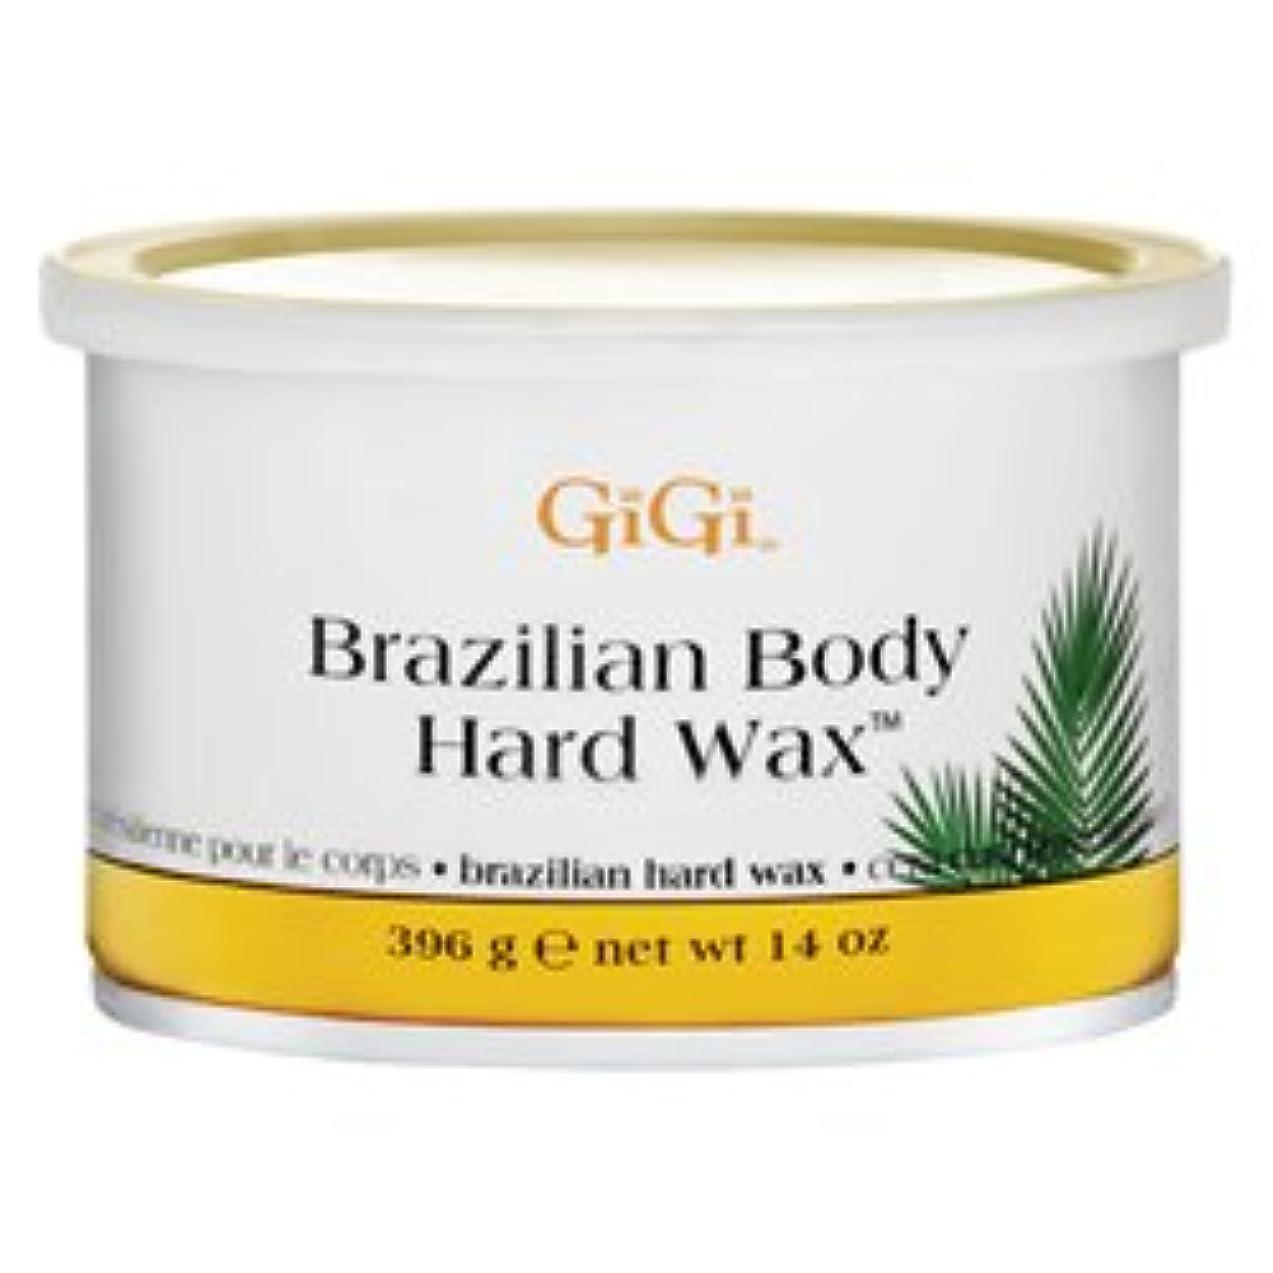 のど悩み気づくなるブラジリアンボディハード脱毛ワックス 396g (並行輸入品)